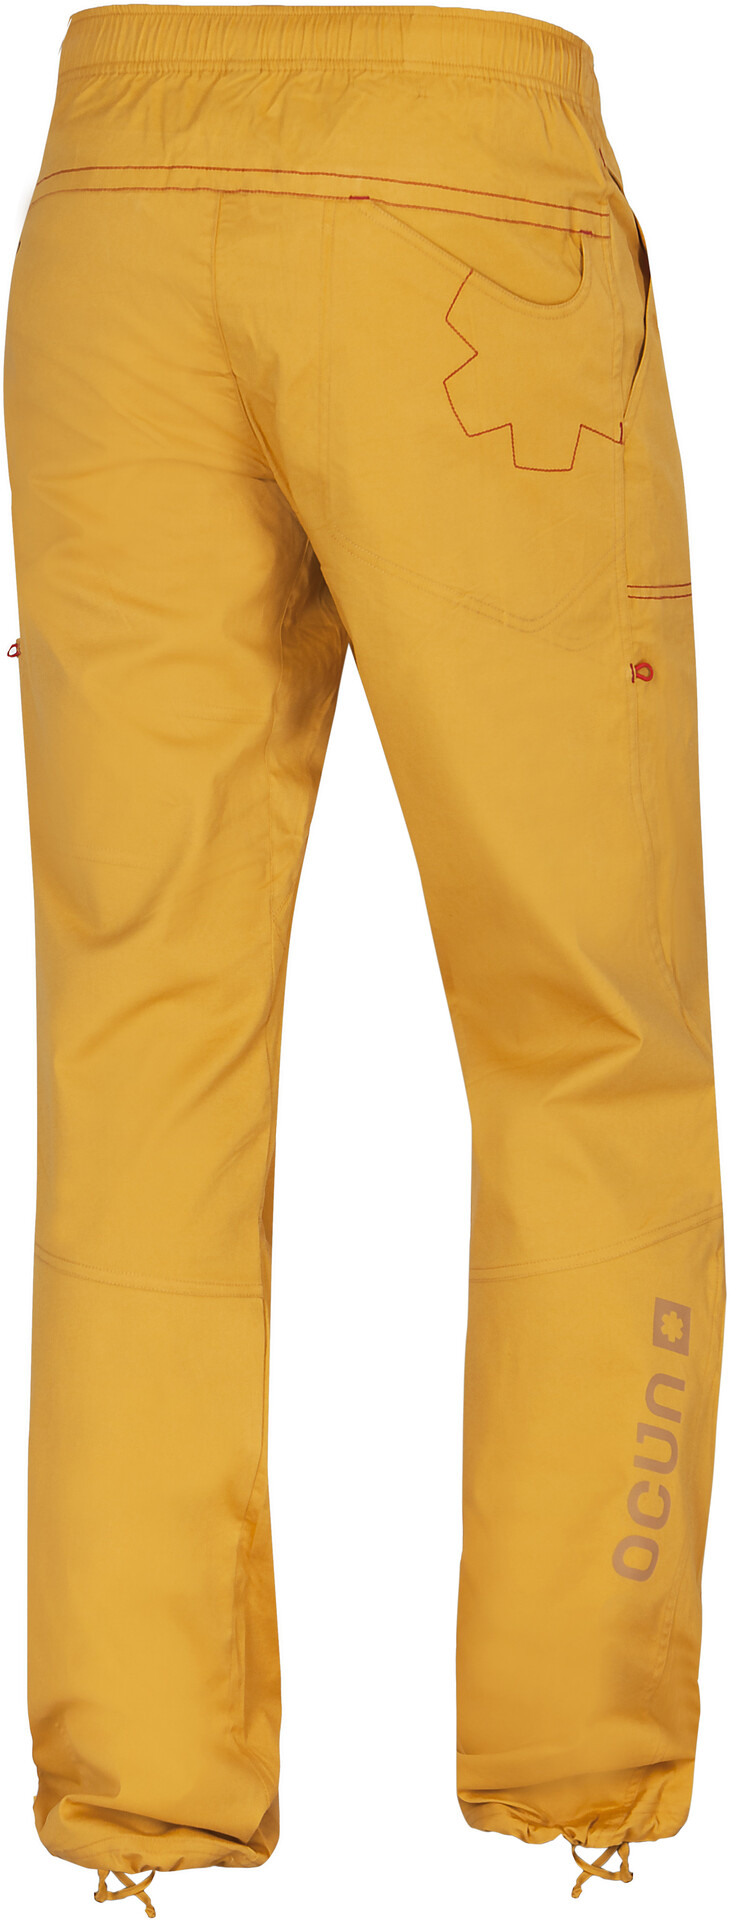 Ocun Jaws Pantaloni Uomo, golden yellow su Addnature Xfoyi